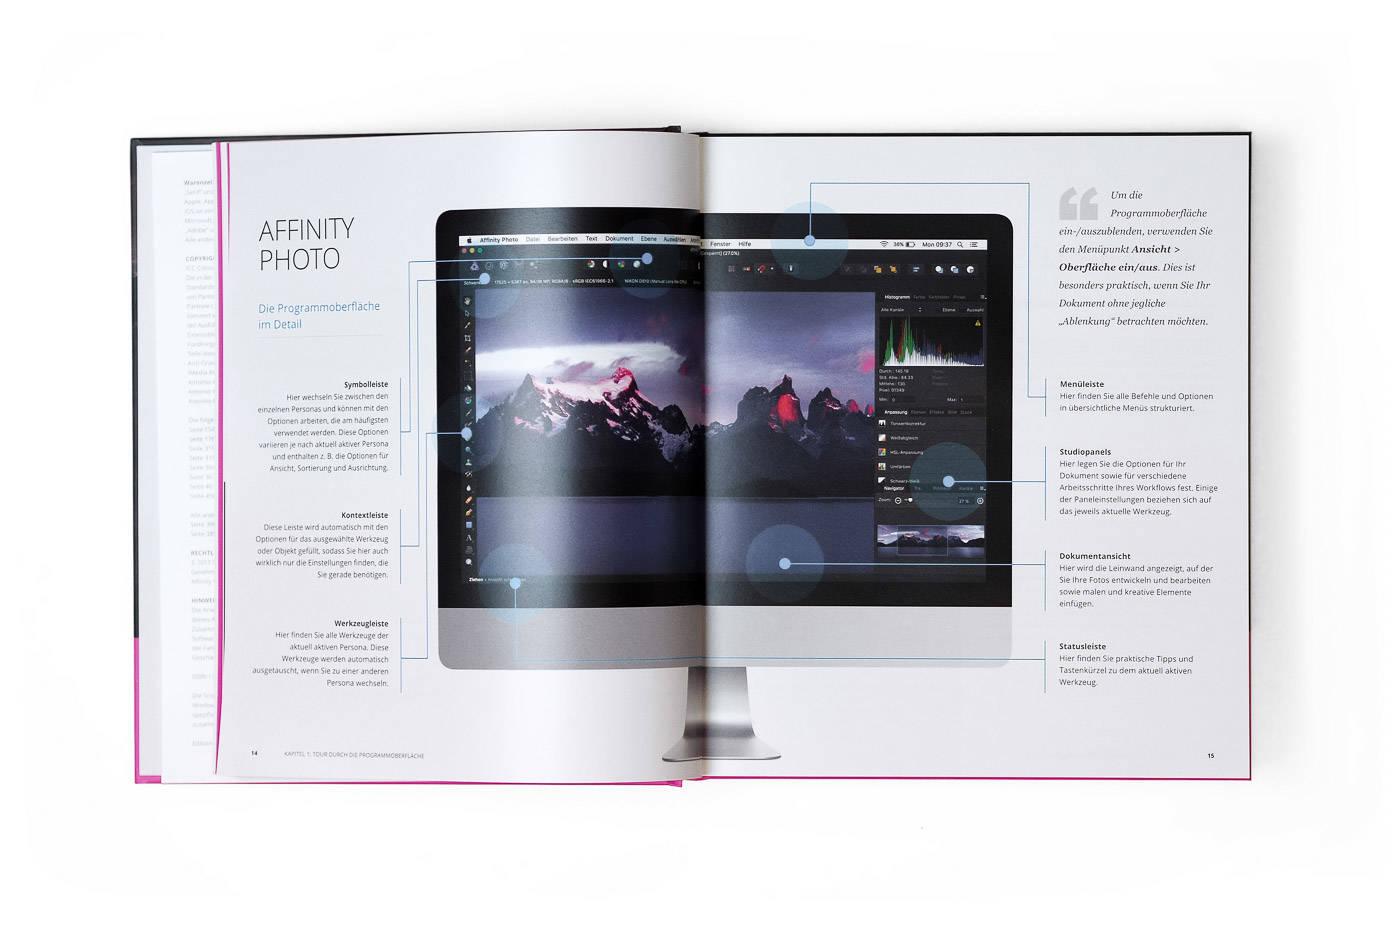 Überblick über die Programmoberfläche von Affinity Photo.